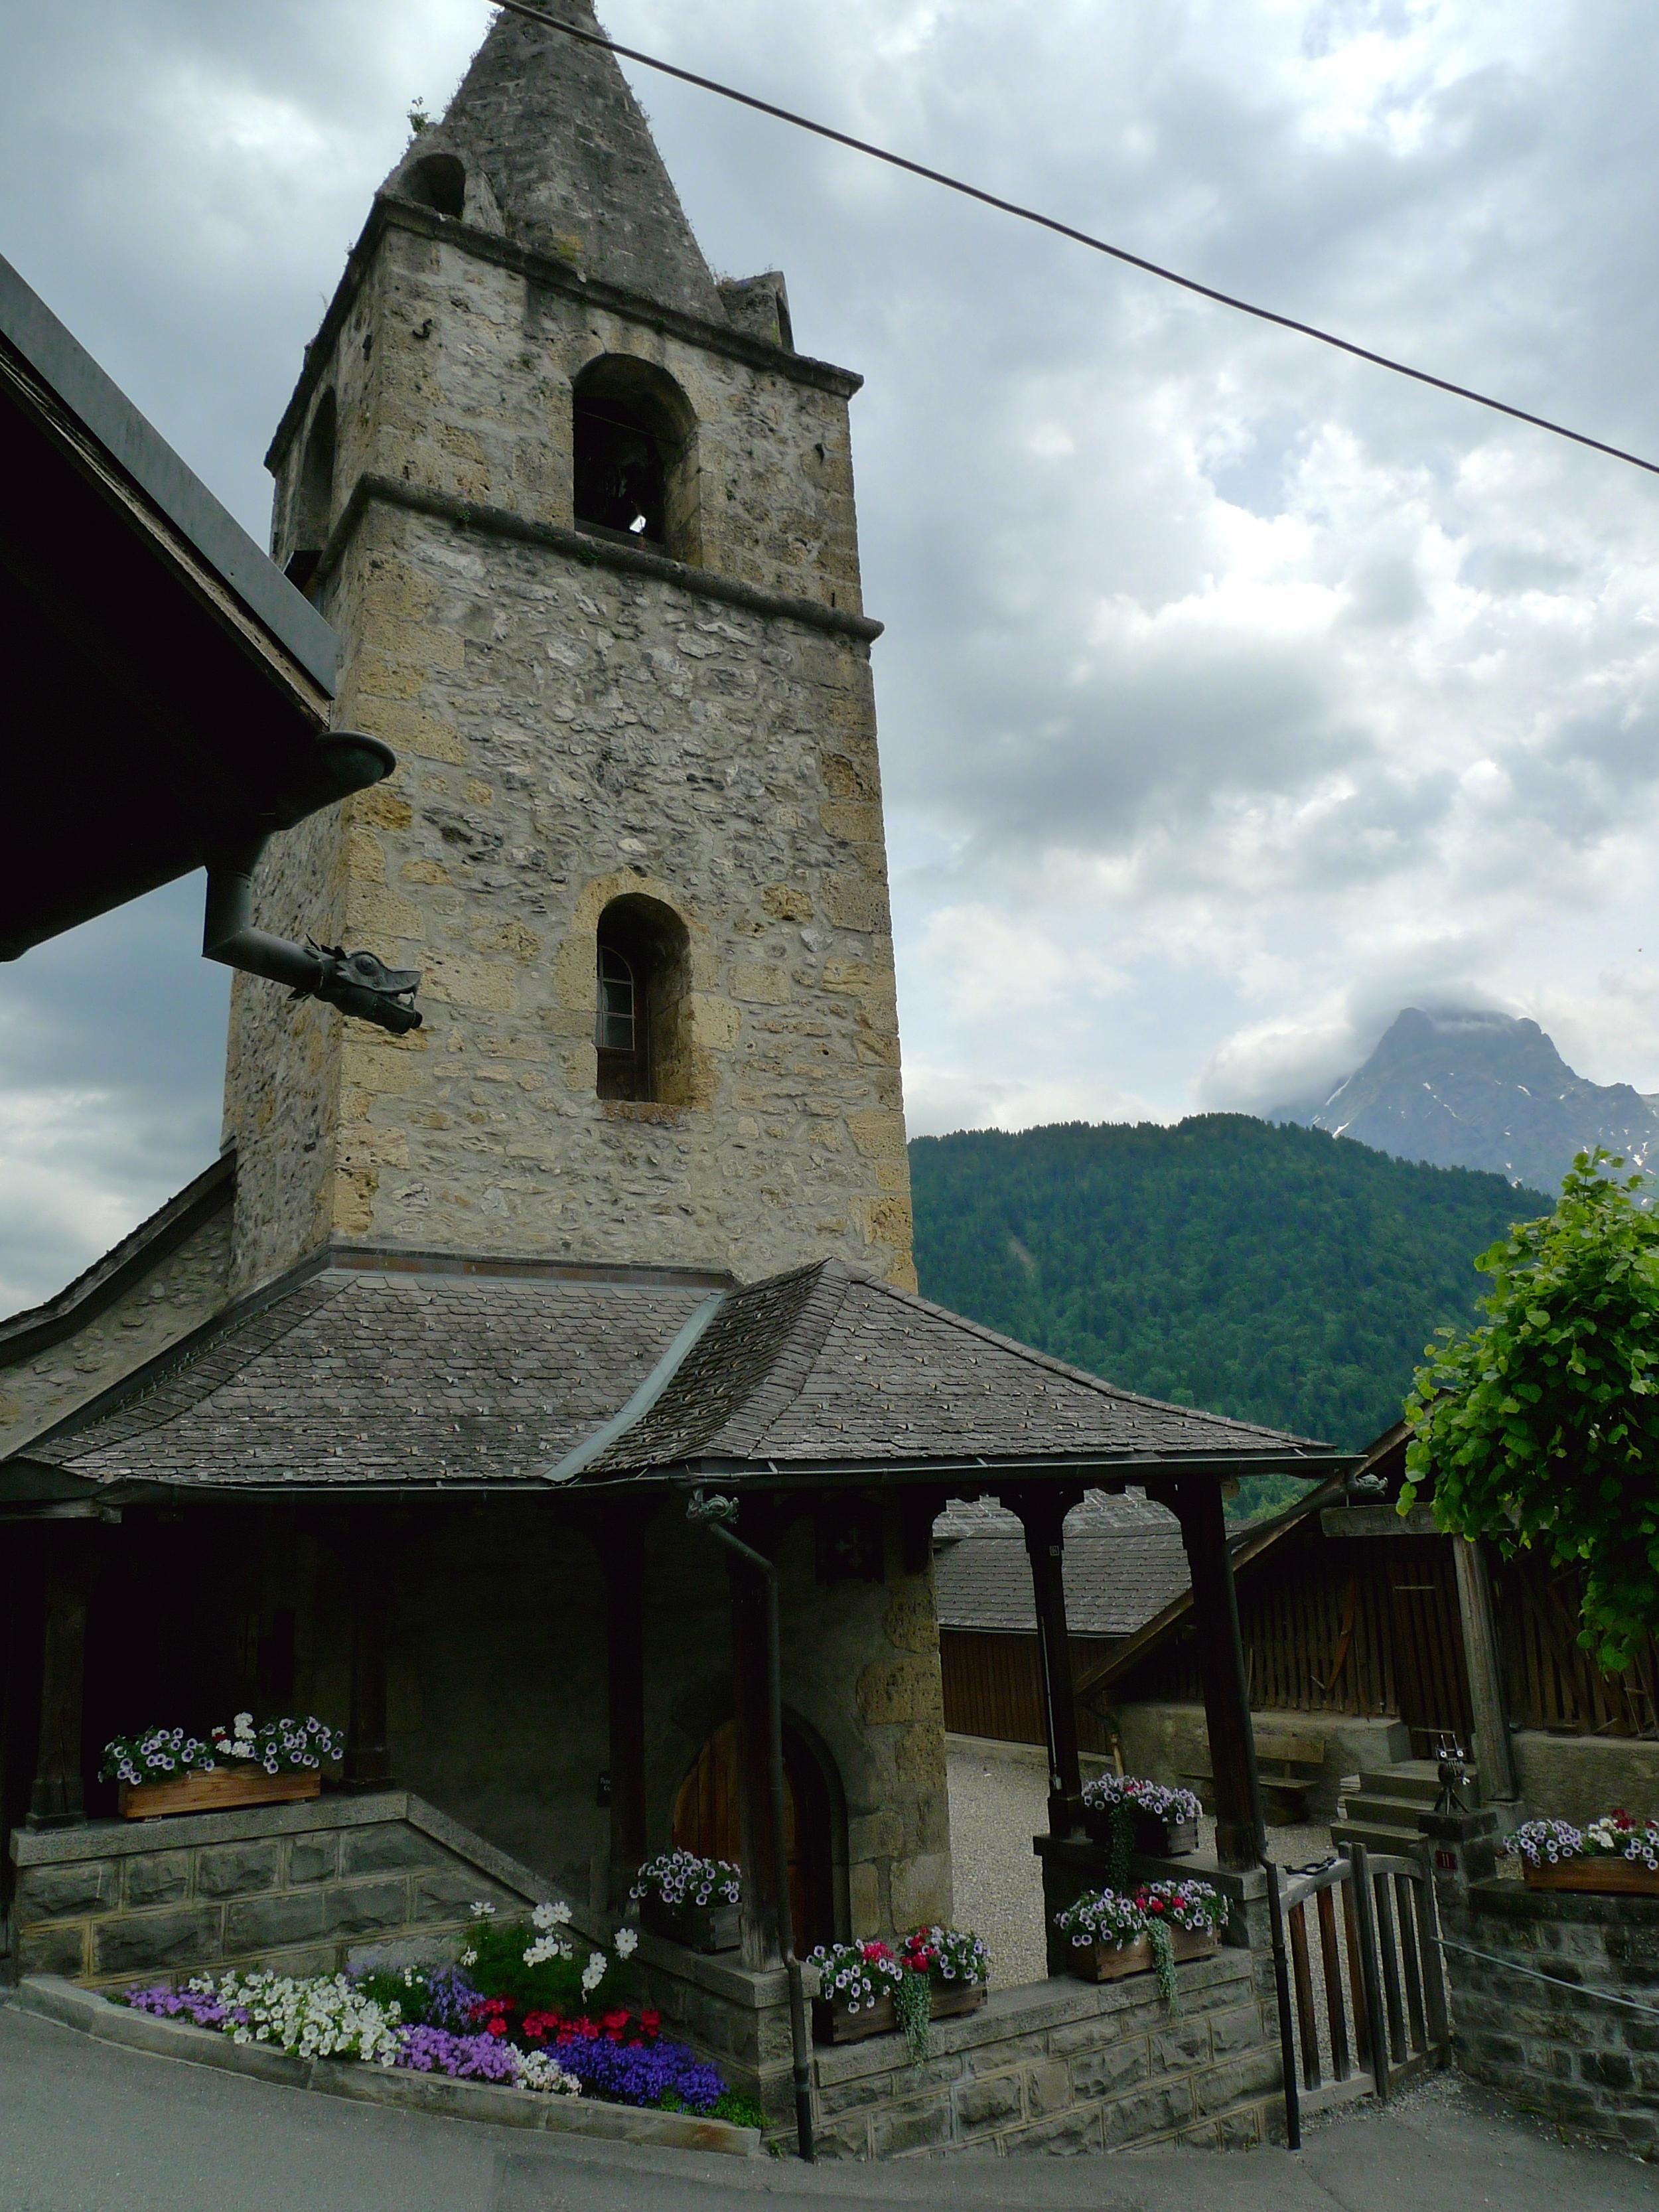 A small village church